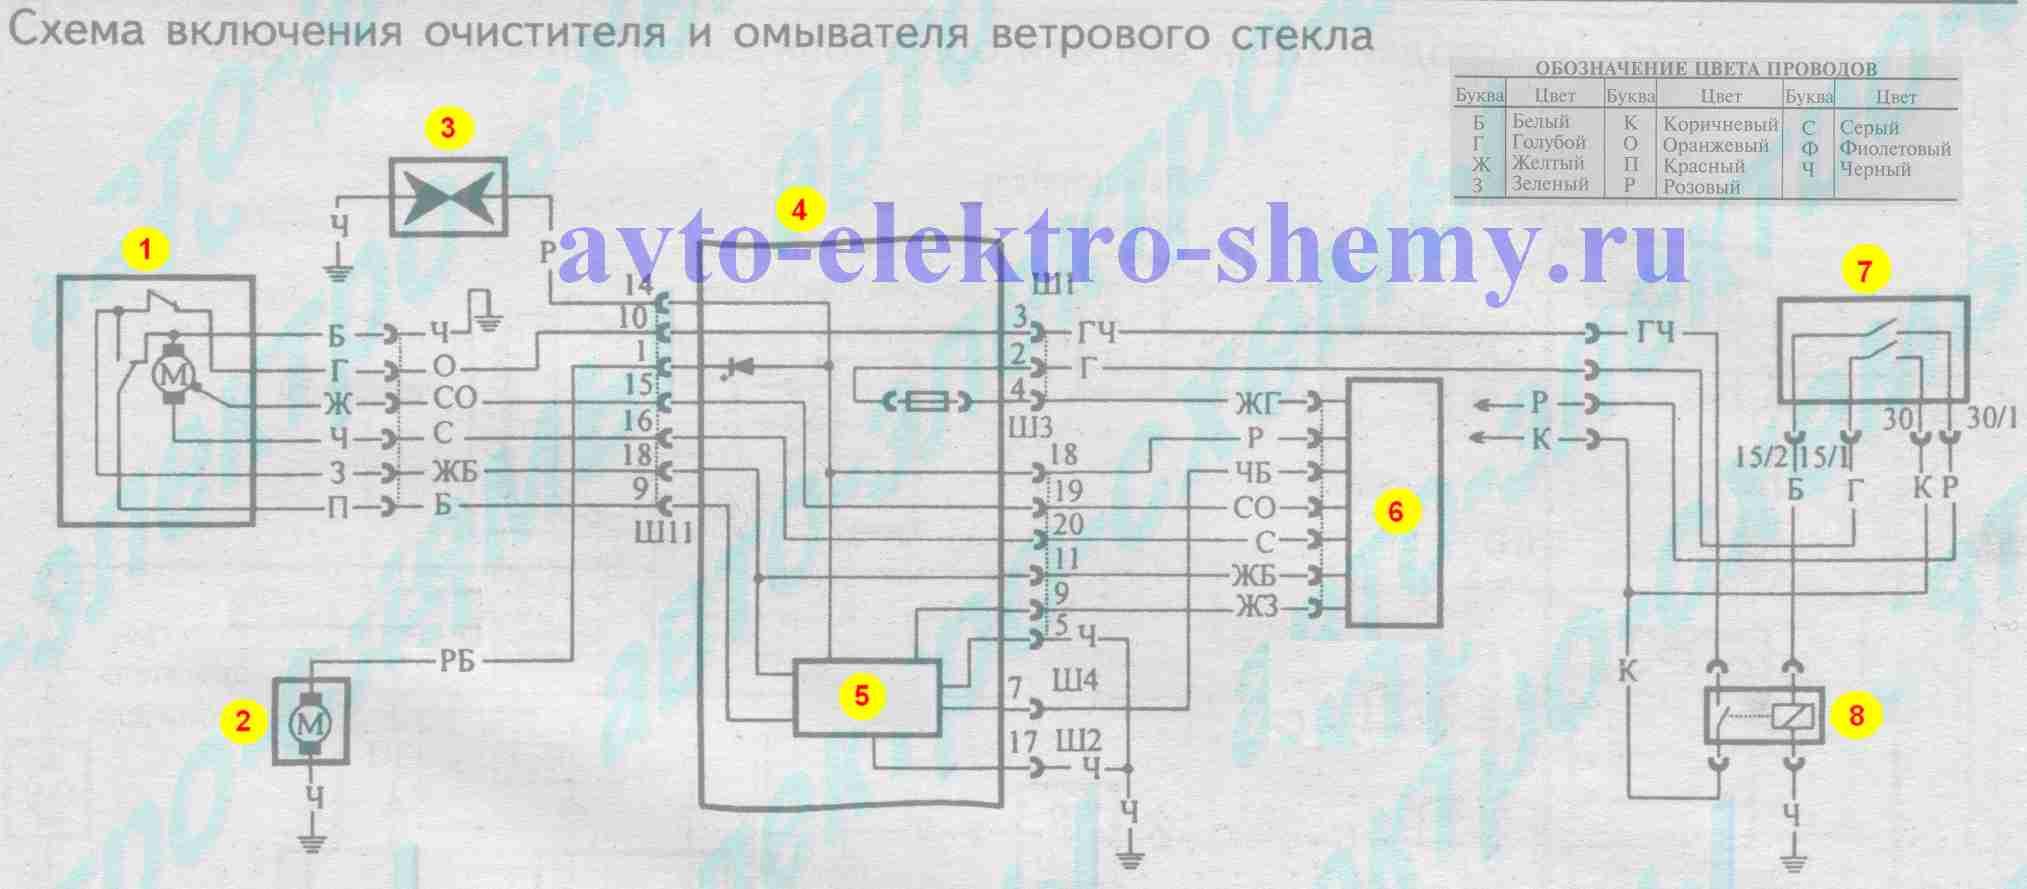 Схема включения очистителя и омывателя ветрового стекла на ВАЗ 21099 и 99i